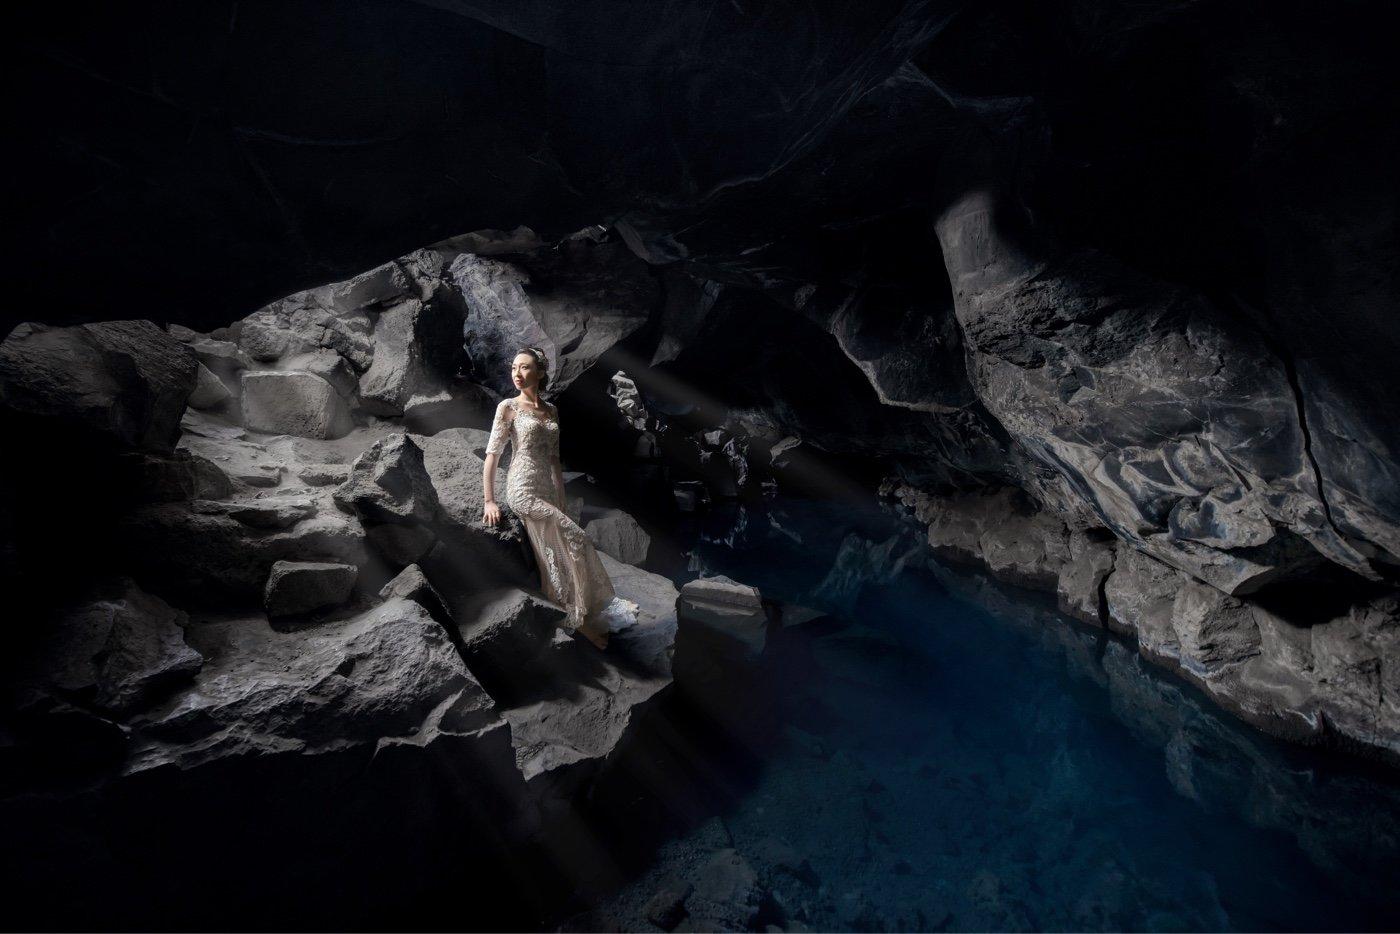 MoFoTo 冰岛婚纱旅拍45